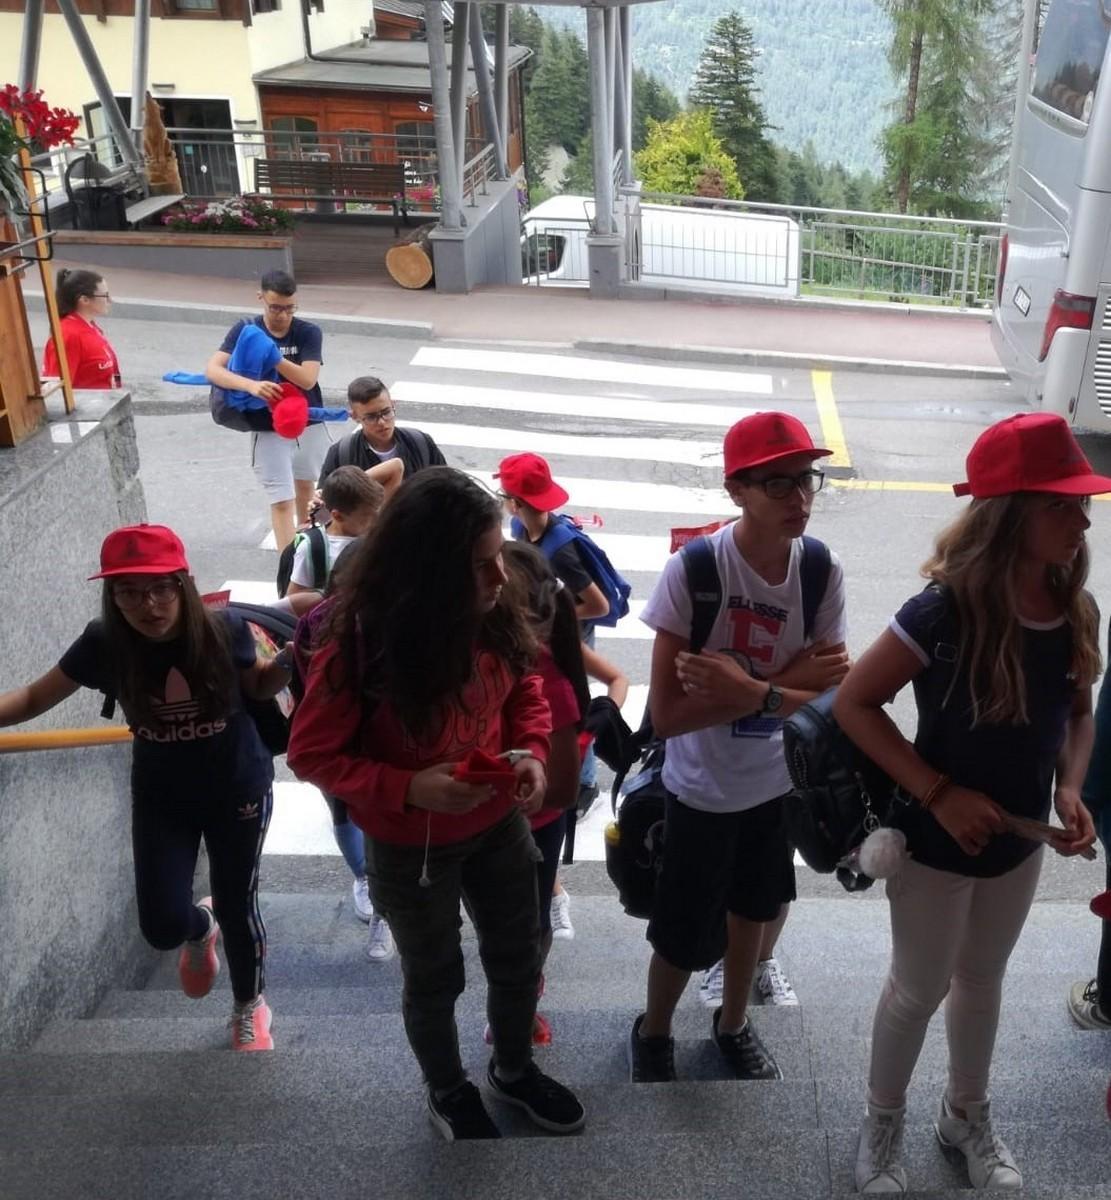 Foto Annamaria  Trentino Wild SENIOR  2 Turno  Giorno 1